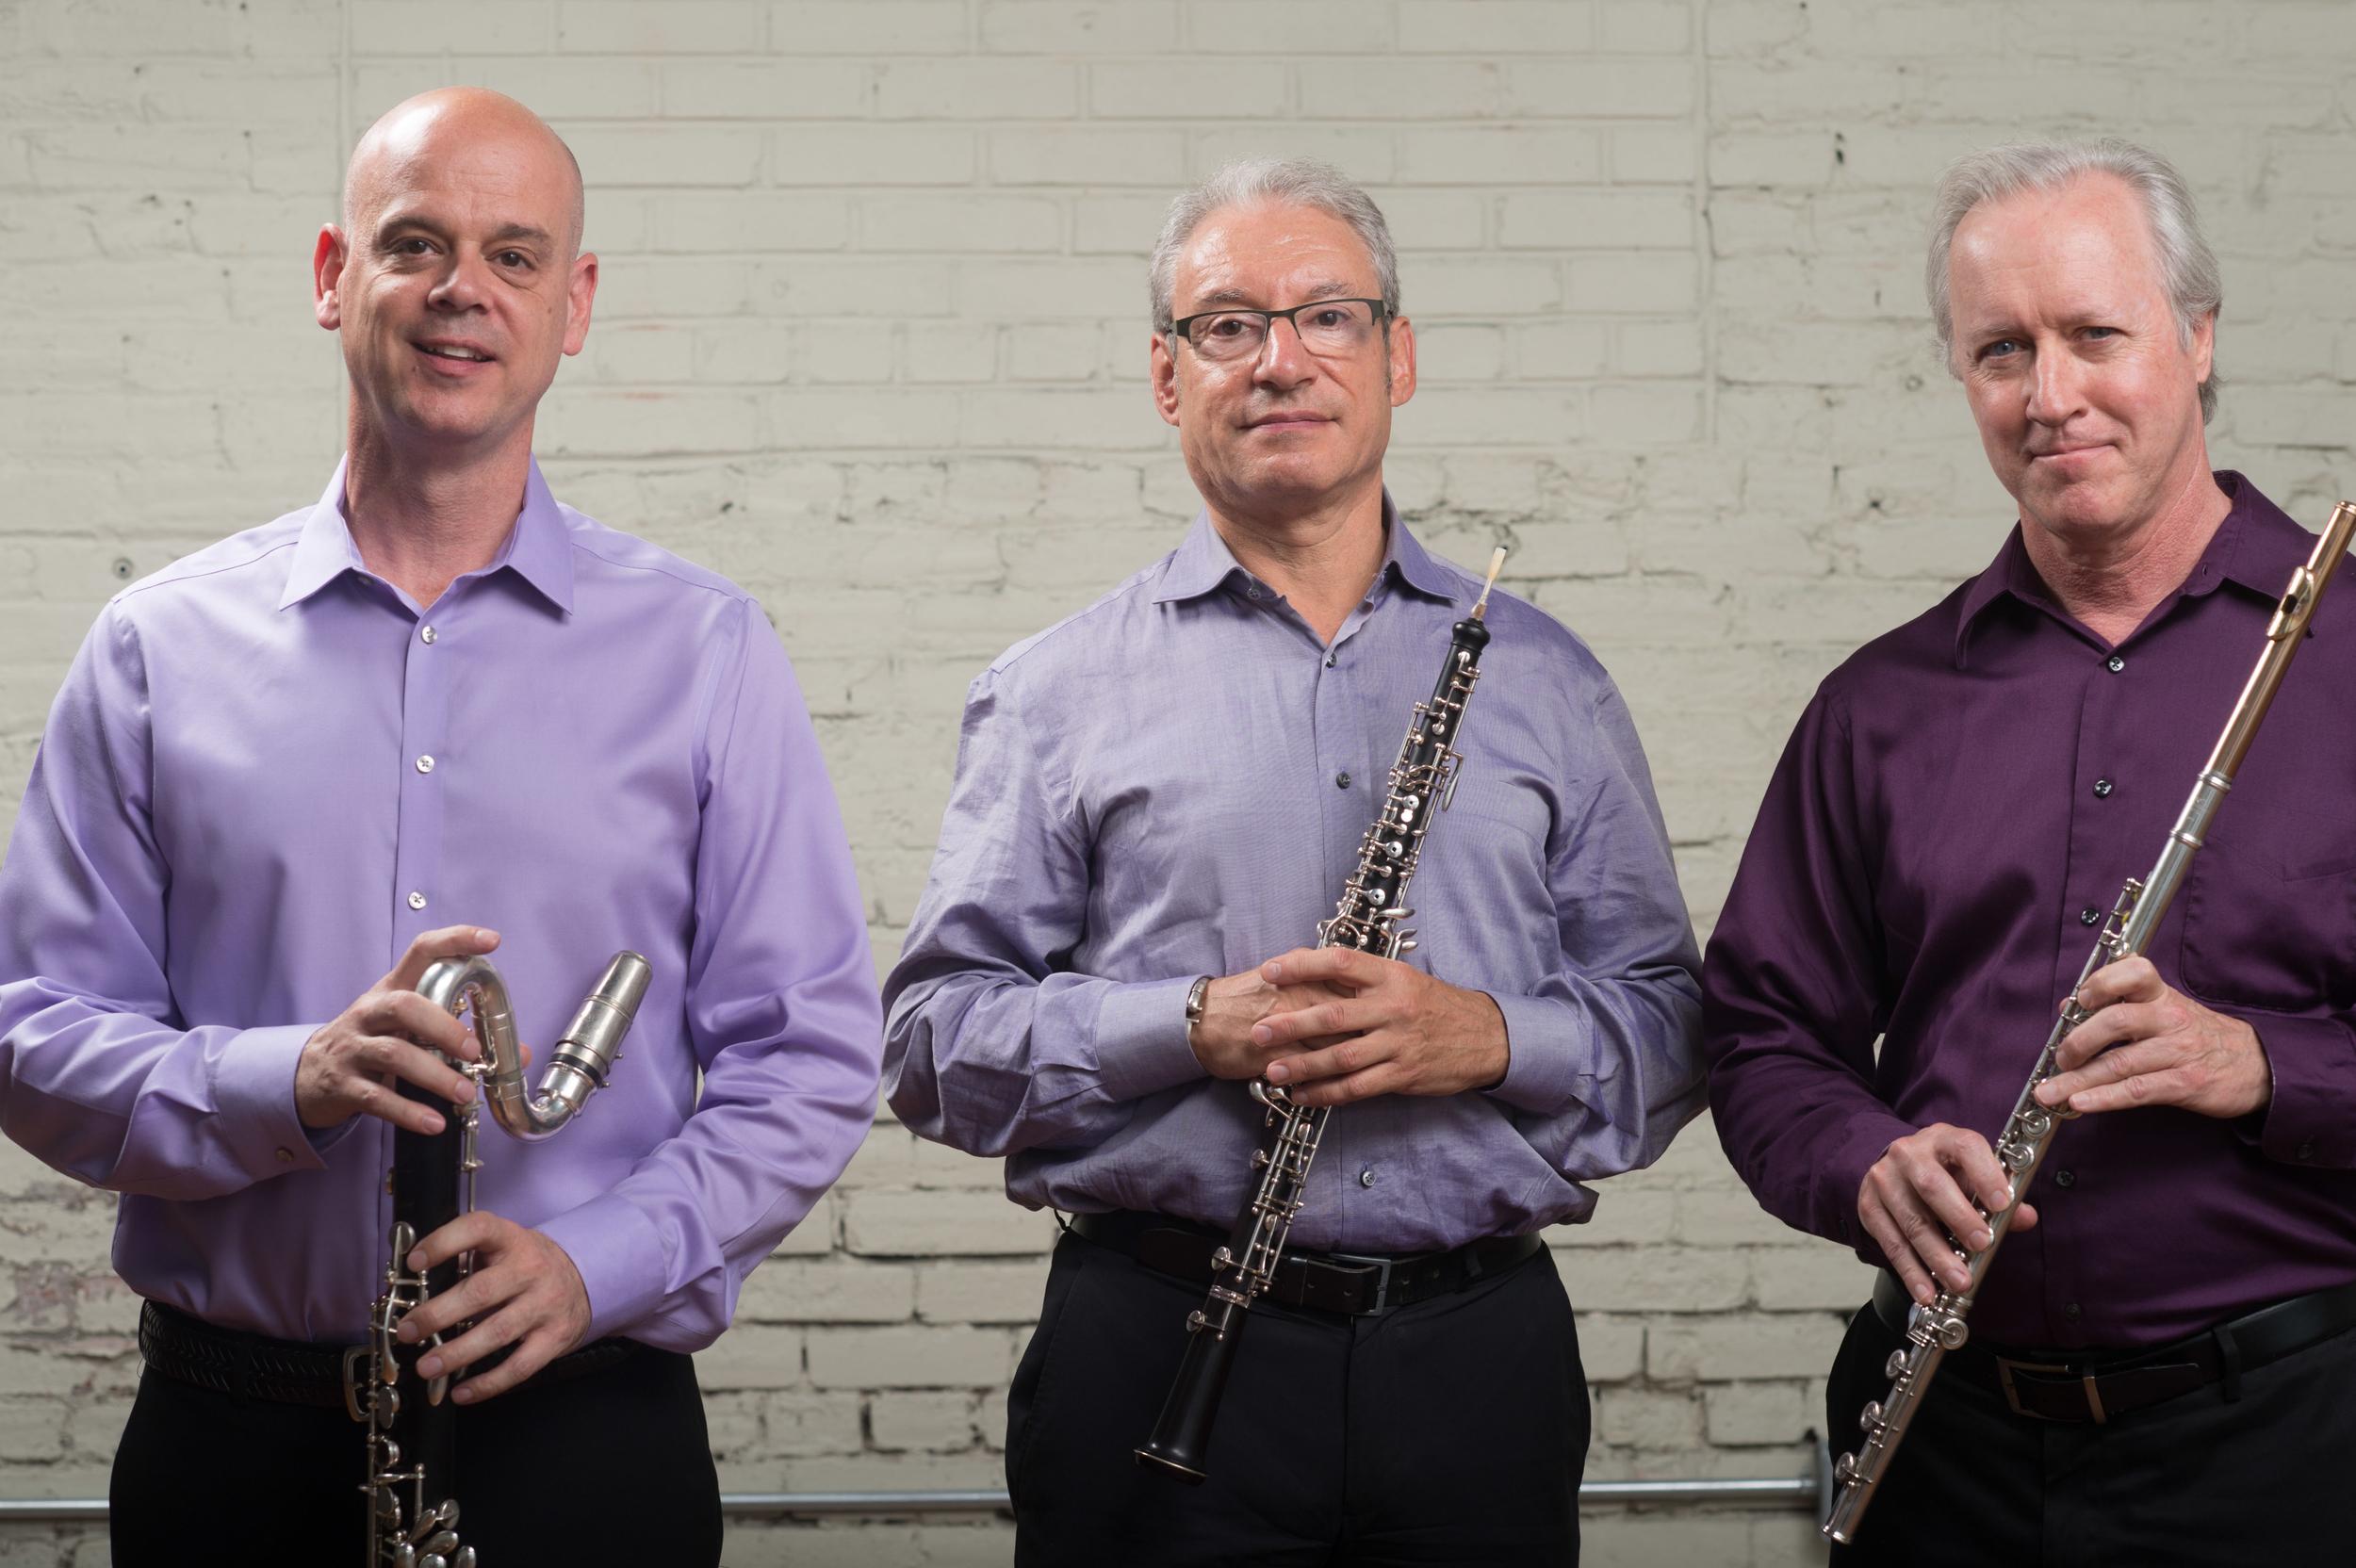 Paul Demers, Jonathan Blumenfeld, Edward Schultz